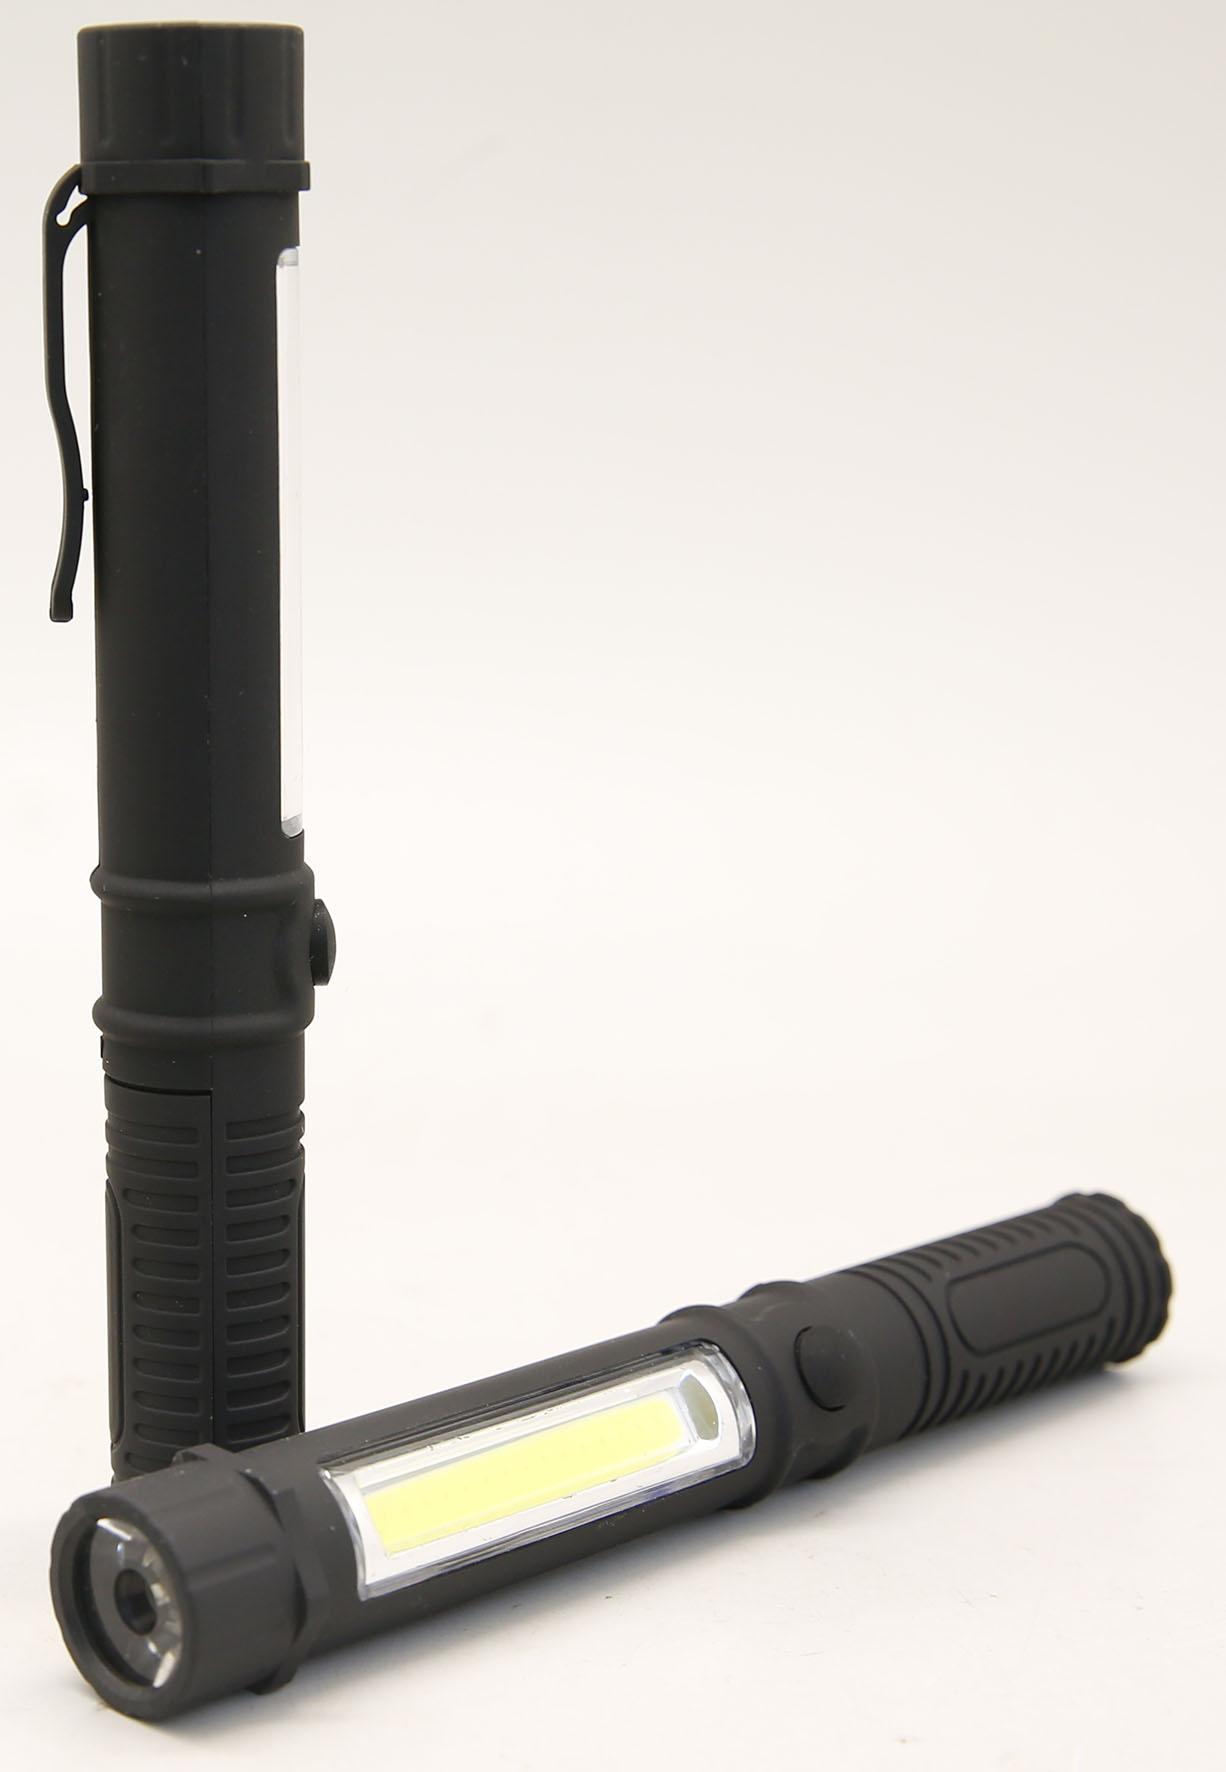 TORCIA LED+MAGNETE CM 16